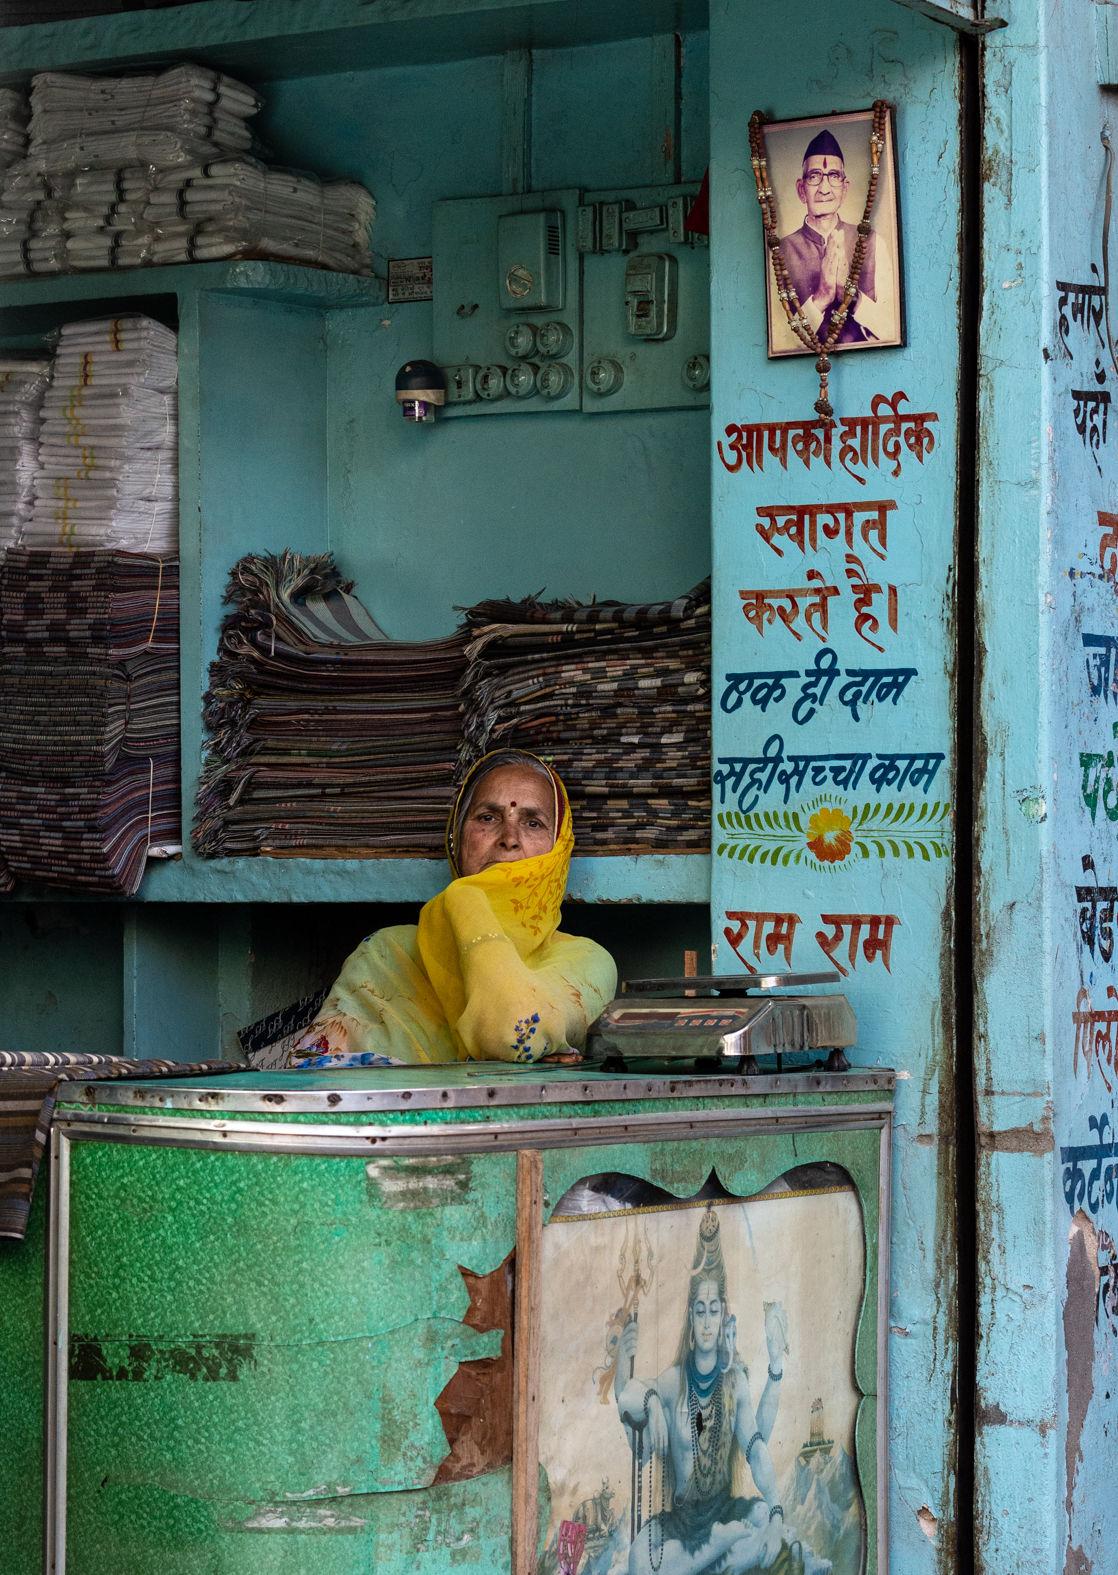 Shopkeeper, Shahpura, Rajasthan